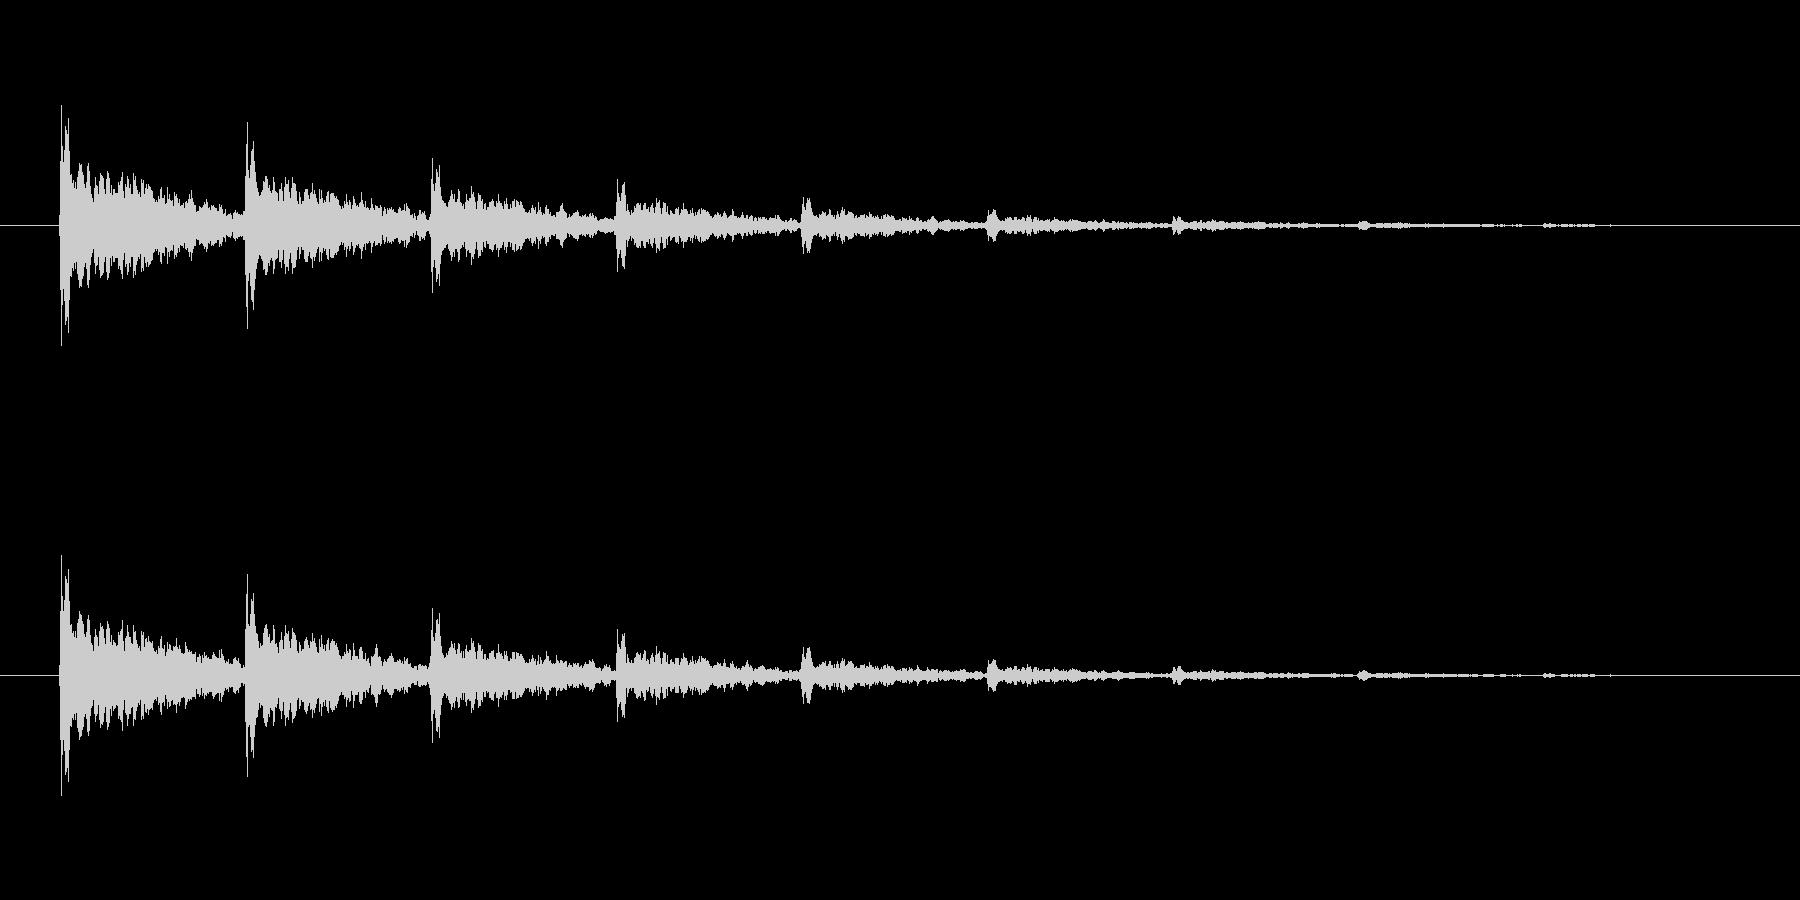 【アクセント11-3】の未再生の波形